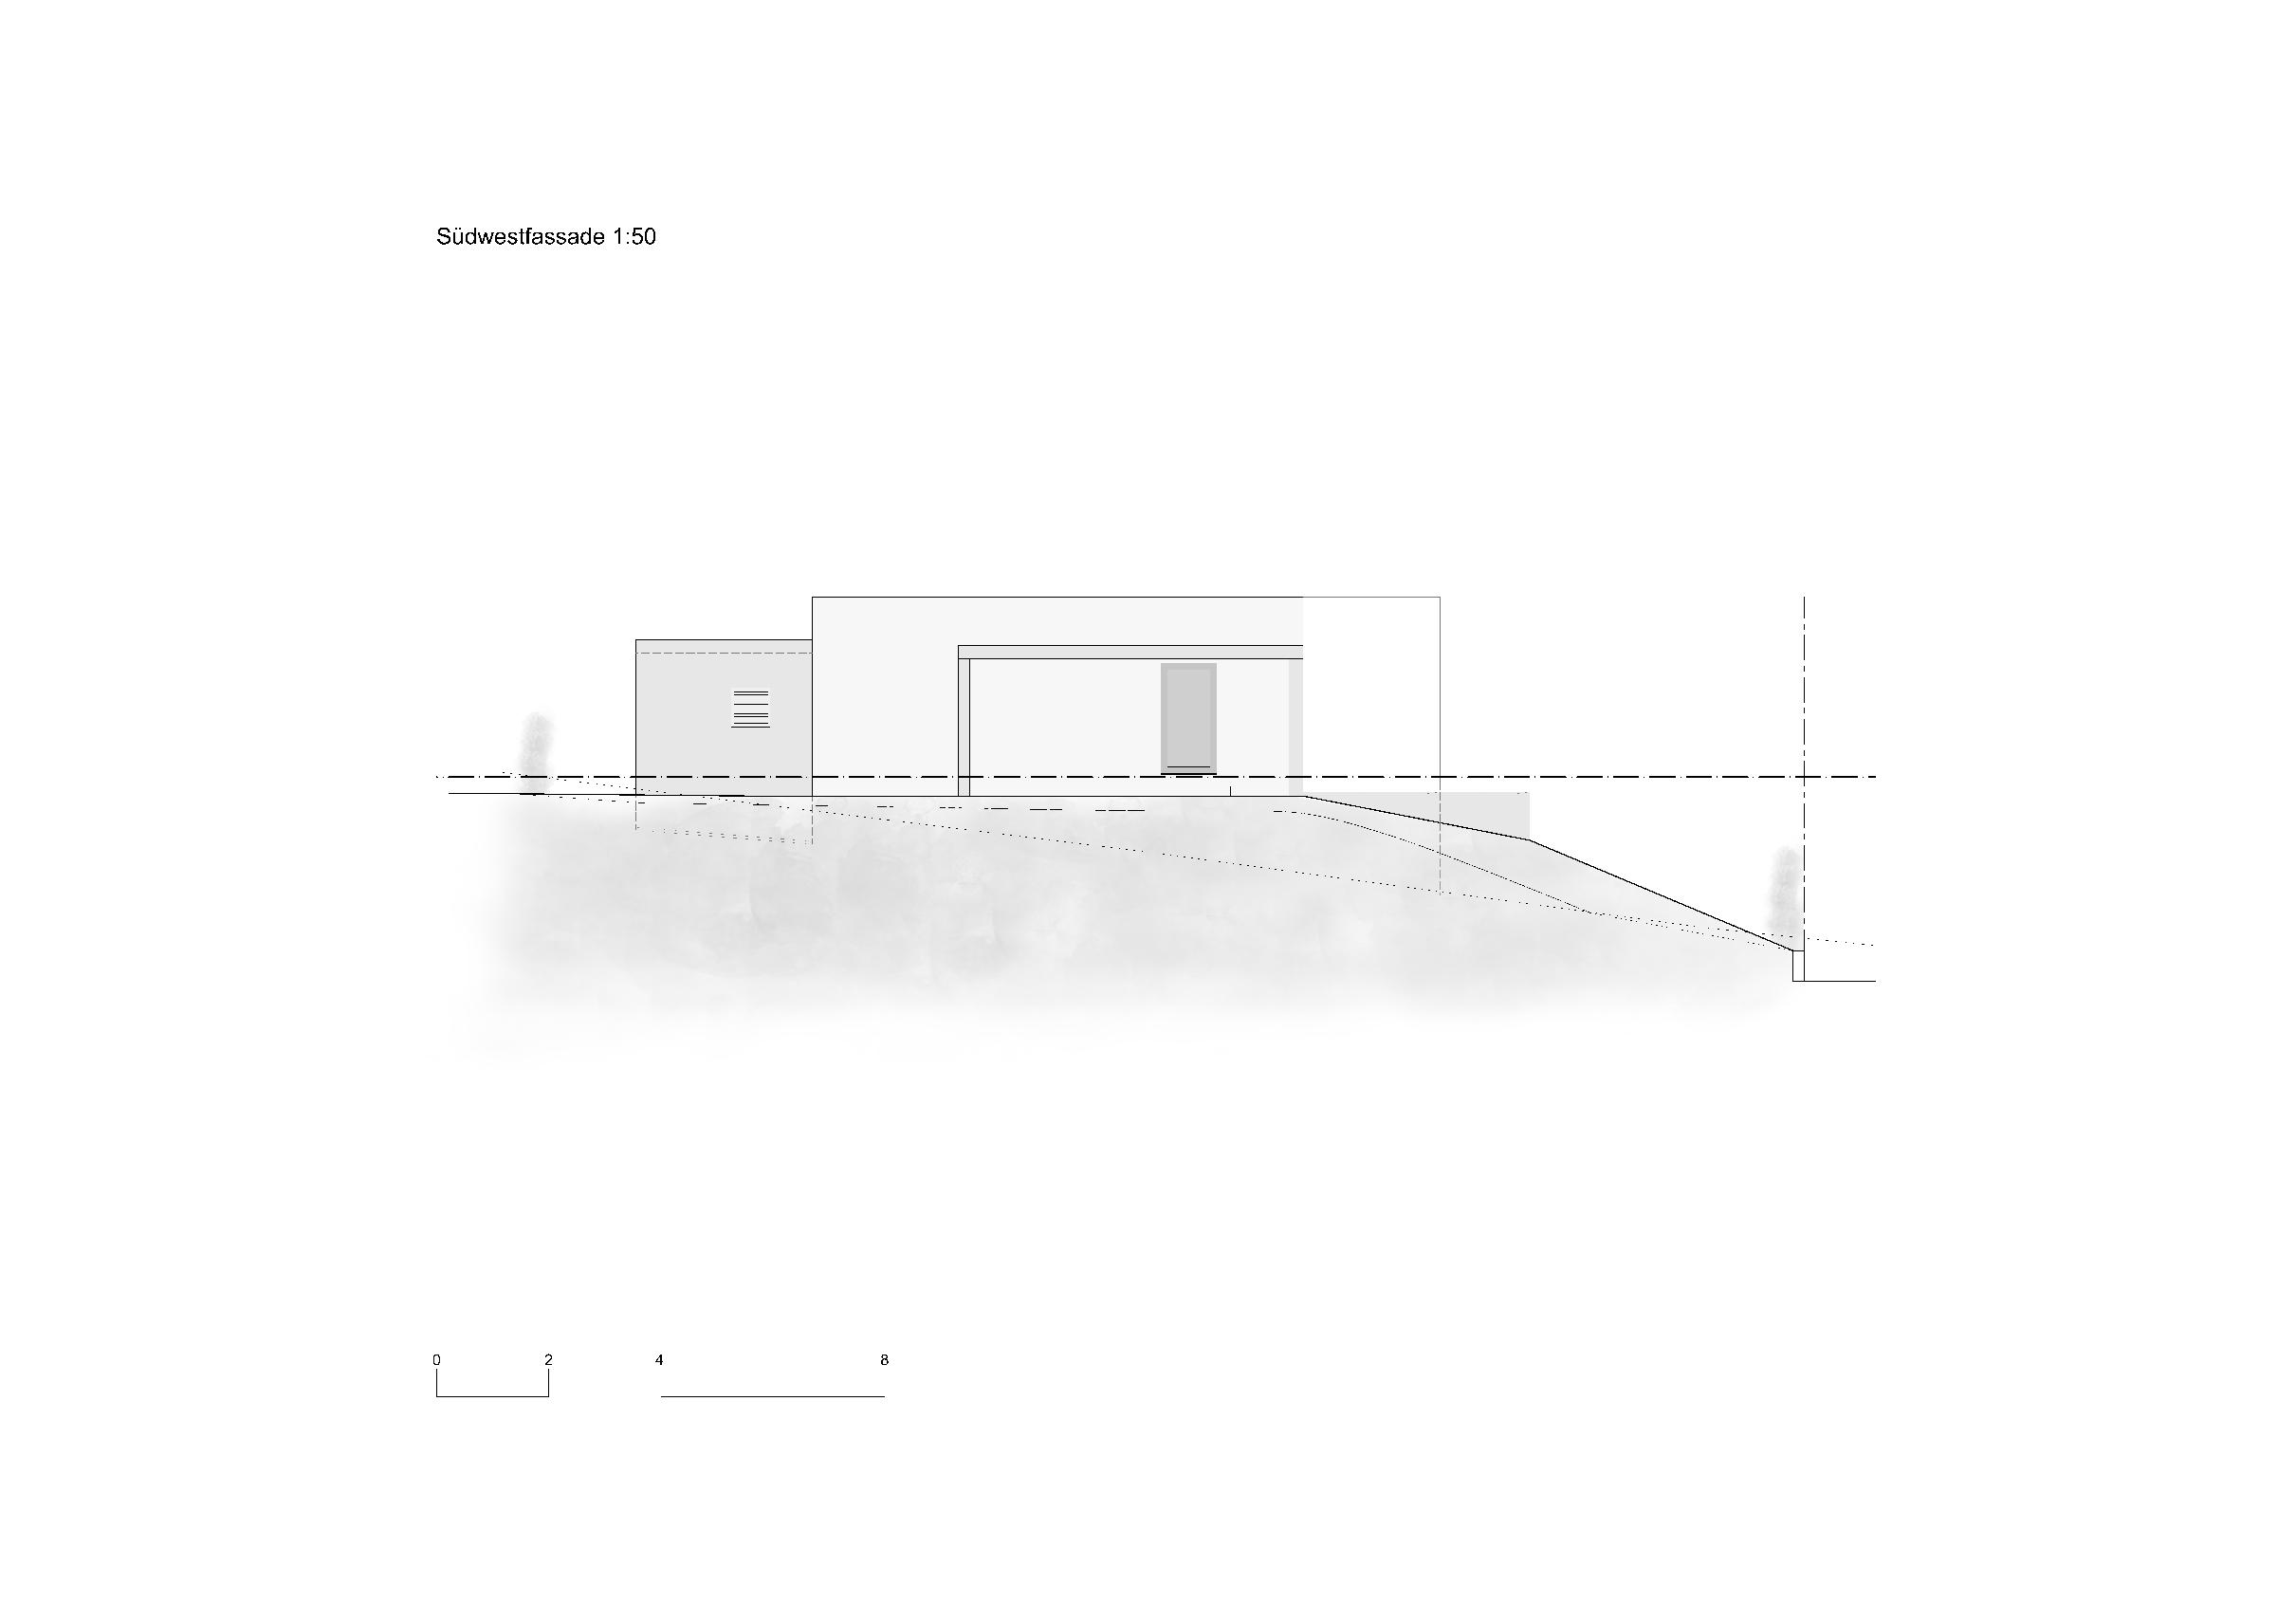 Südwestfassade 1:50 Ersatzneubau - Bungalow Mediterrano von Studio Baumann